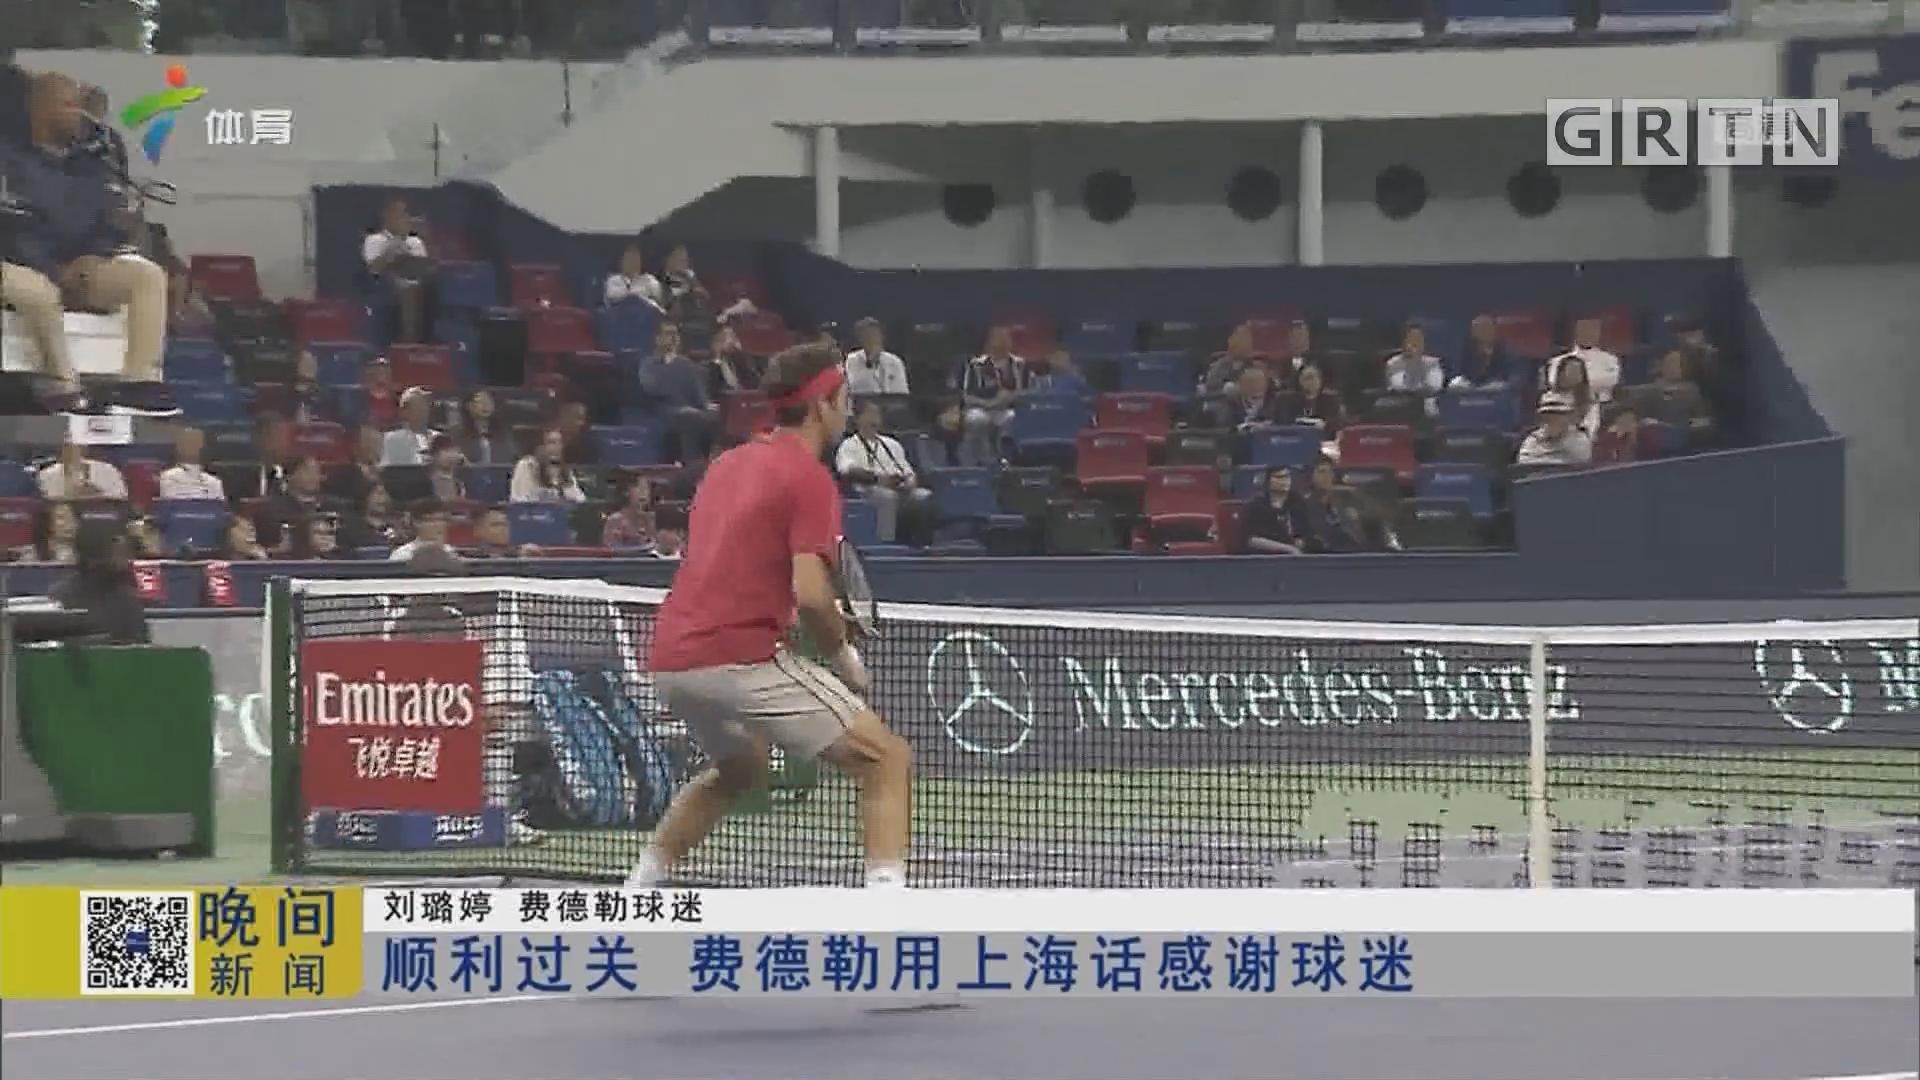 顺利过关 费德勒用上海话感谢球迷